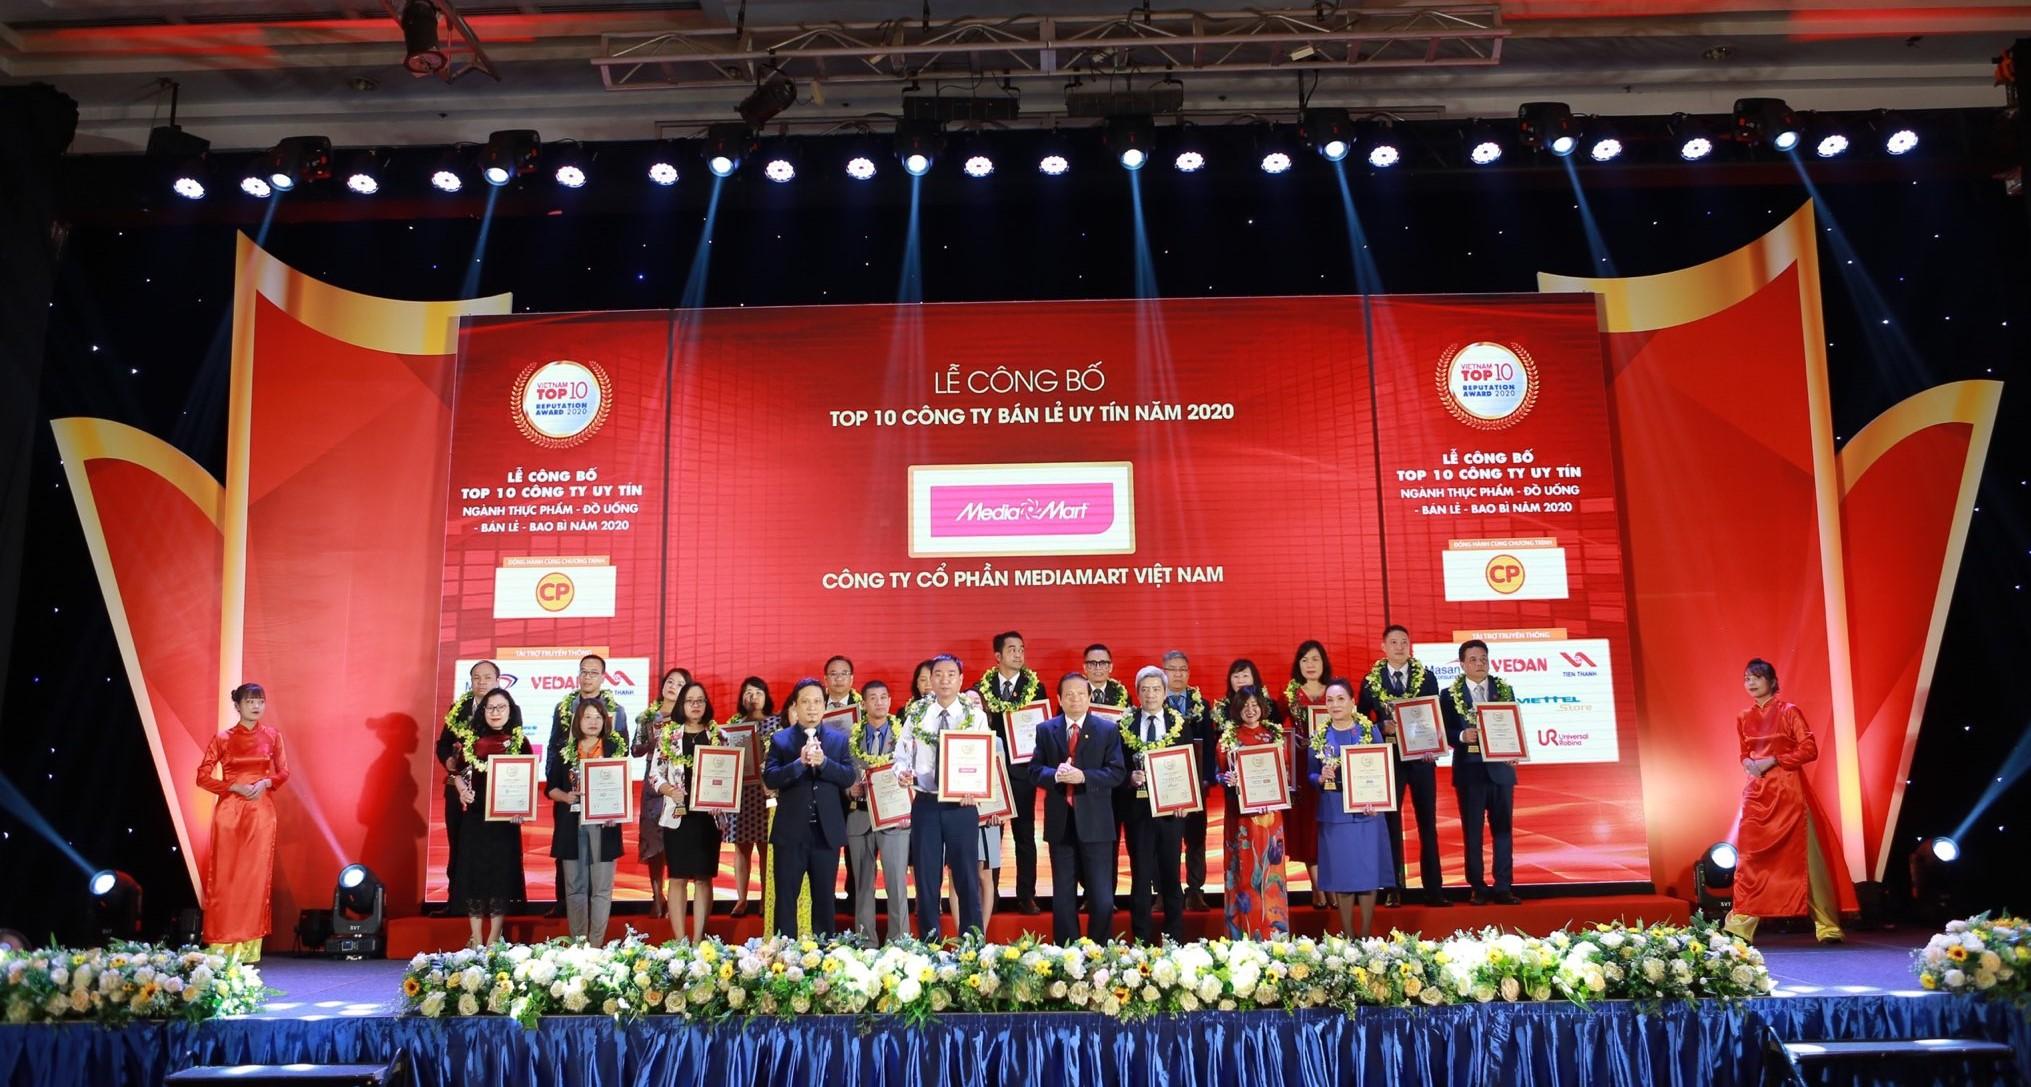 MediaMart được vinh danh 'Top 10 nhà bán lẻ uy tín Việt Nam' trong 3 năm liên tiếp